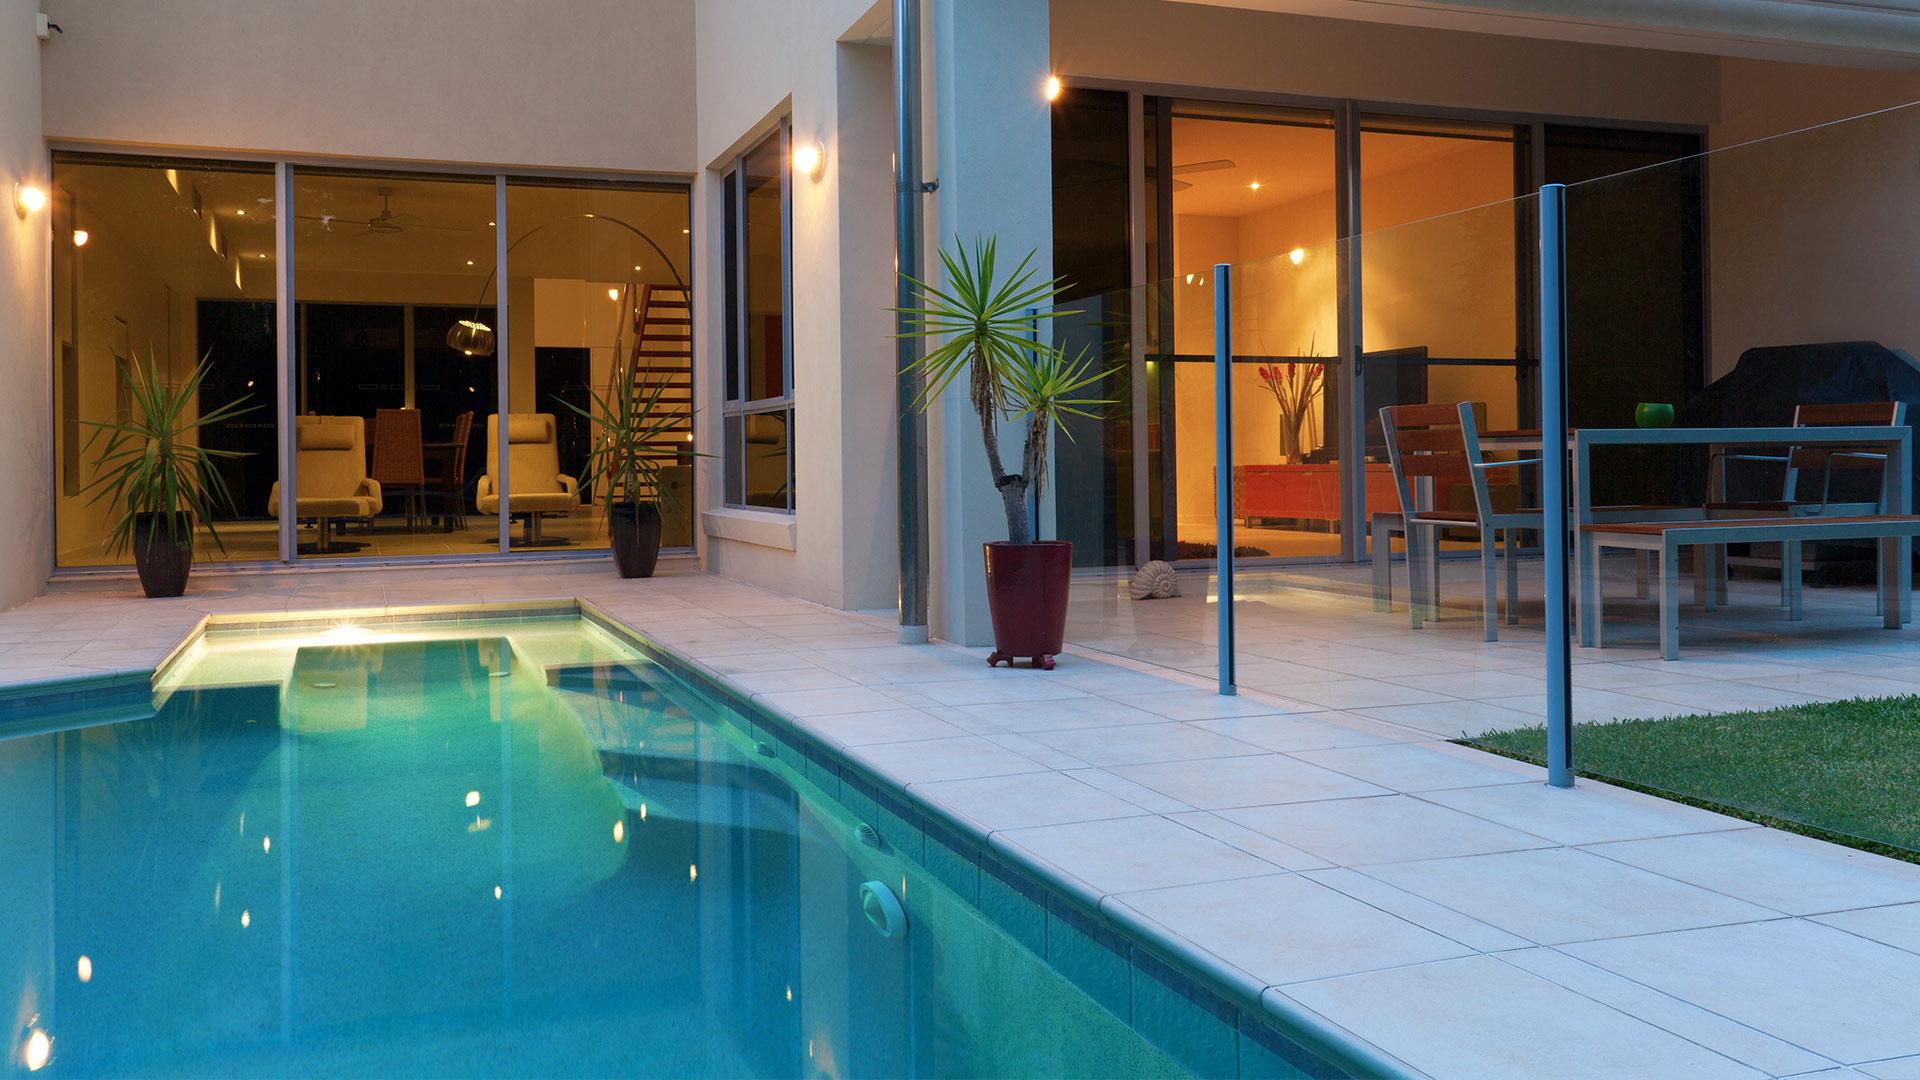 Home Sanibel Captiva Swimming Pool Repair Swimming Pool Maintenance And Swimming Pool Cleaning